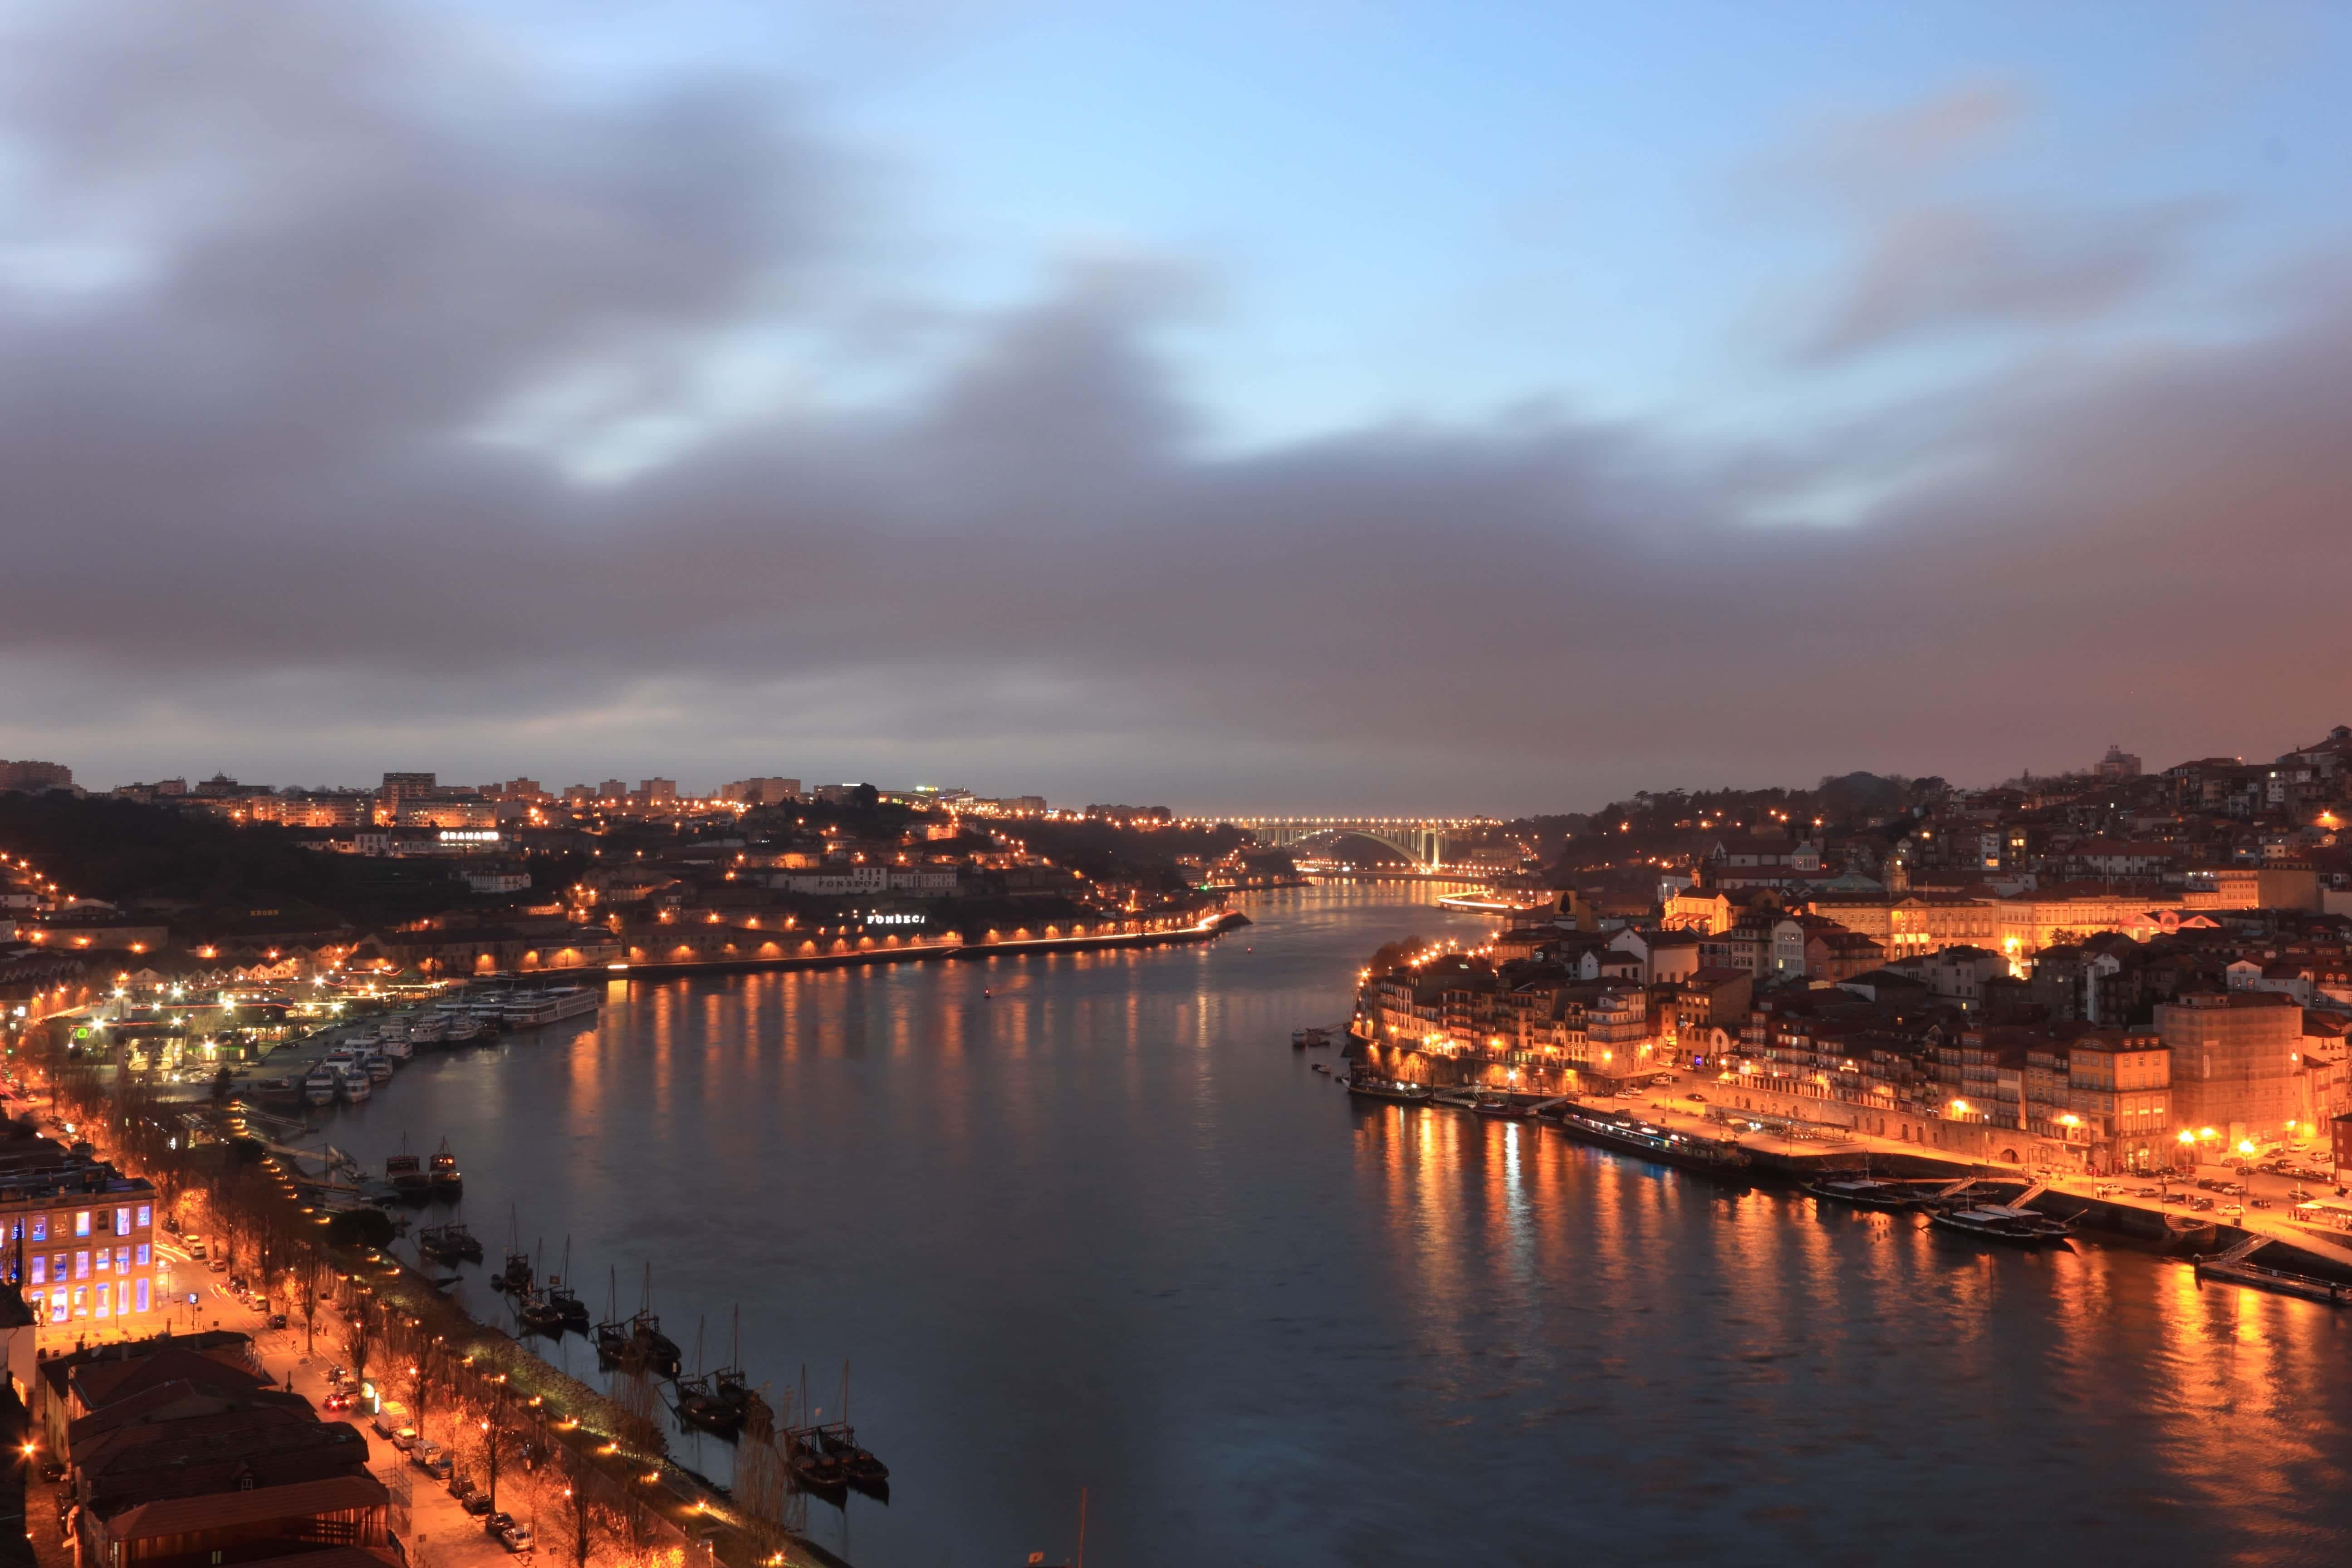 20 fotos que mostram o encanto do Porto ao anoitecer